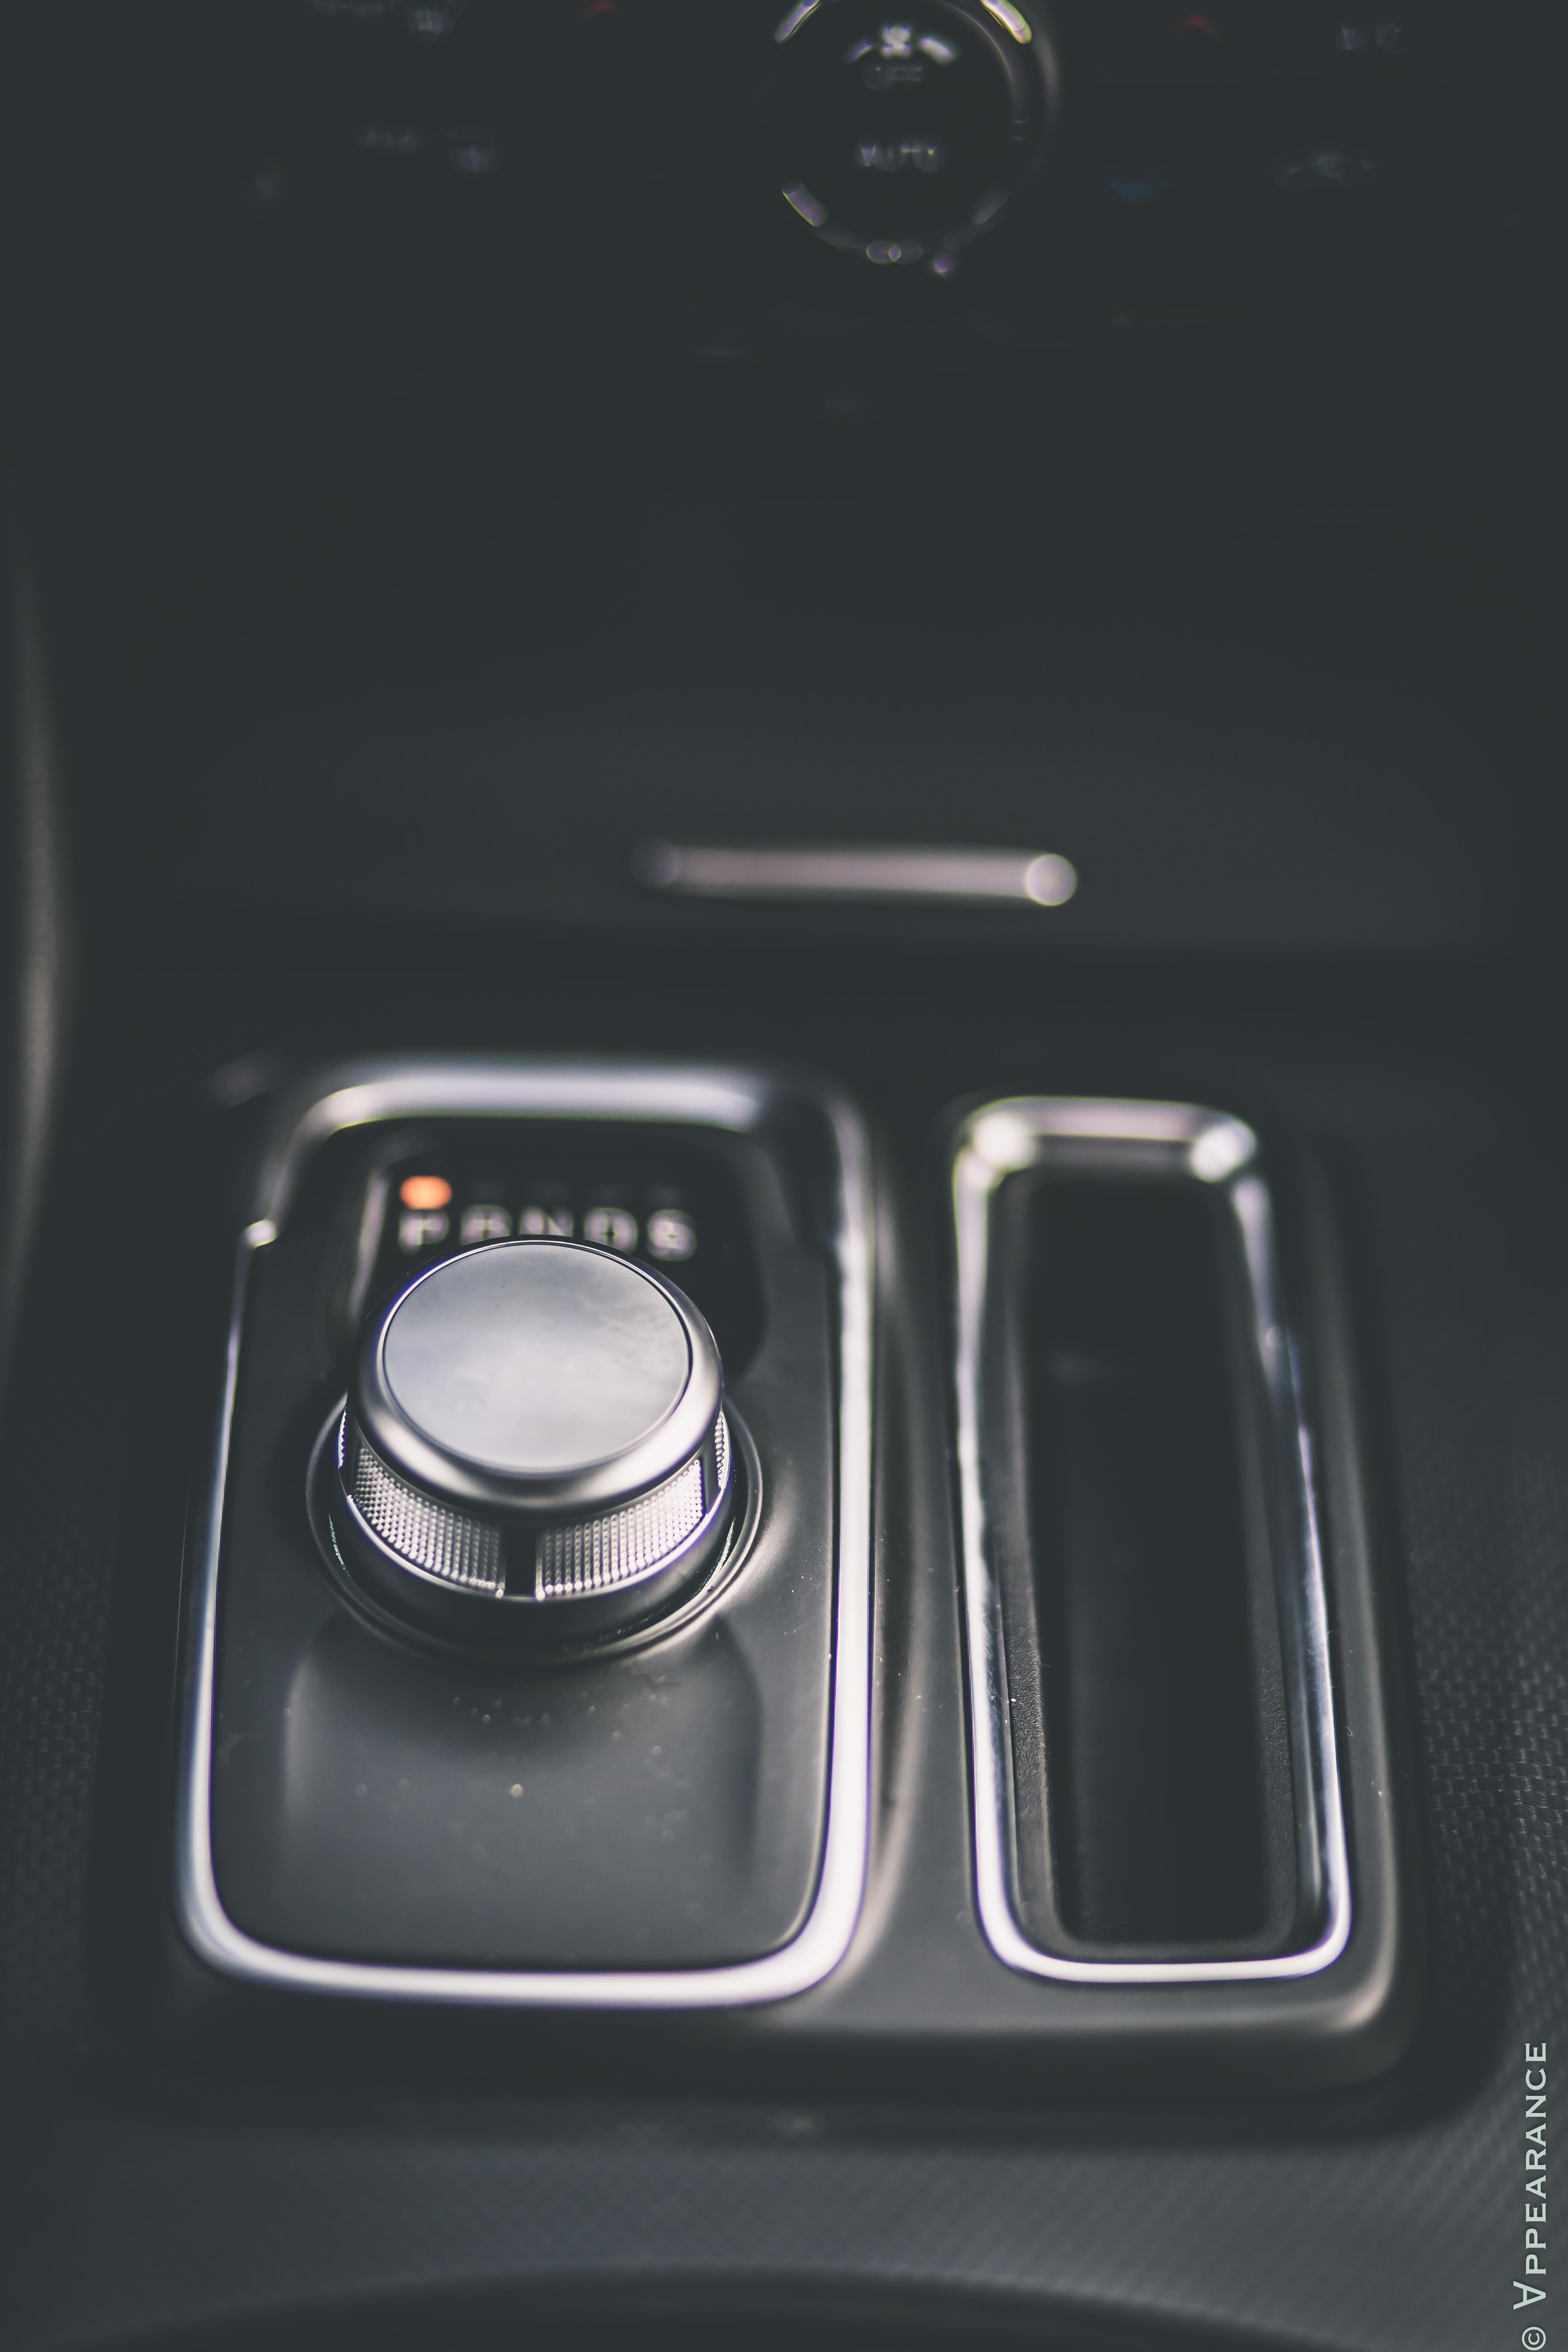 2016 Chrysler 300S Transmission